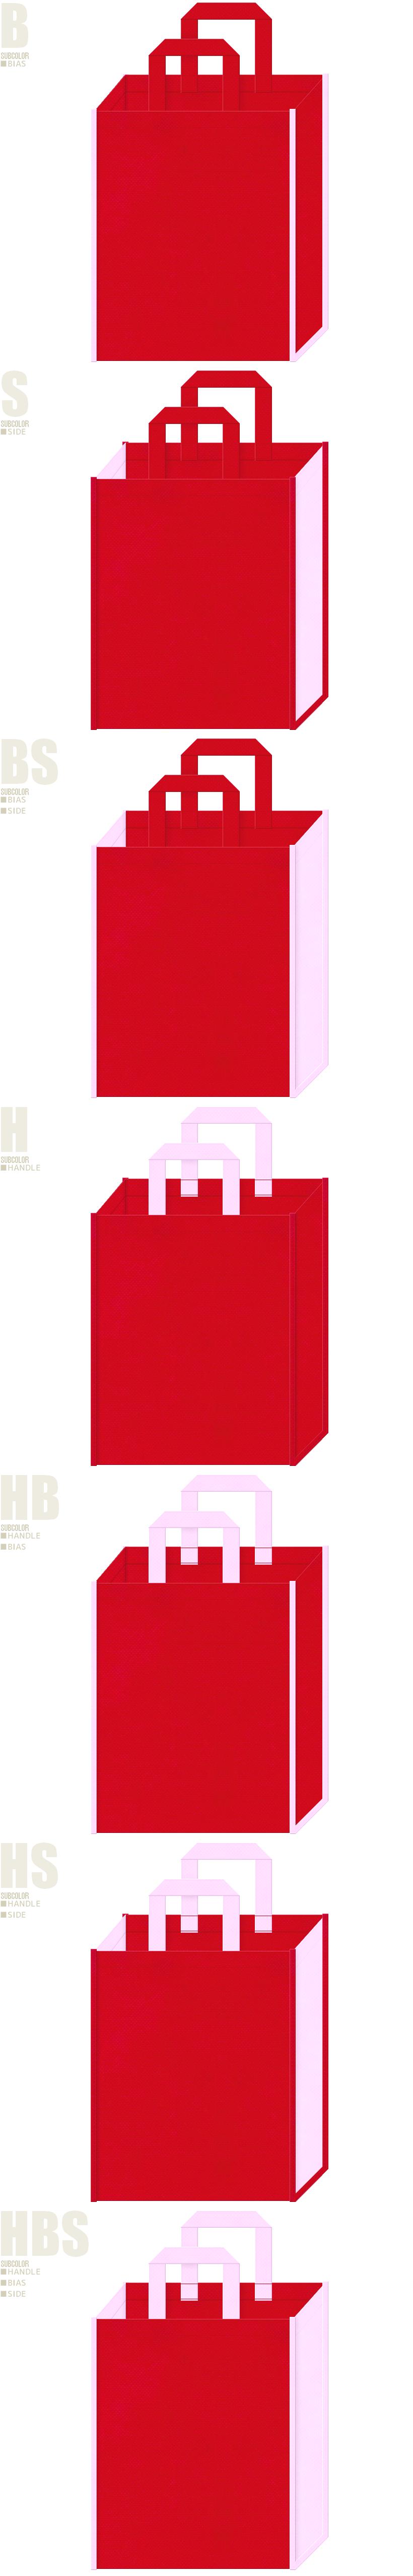 不織布トートバッグのデザイン:母の日ギフト・ひな祭りにお奨めの配色です。